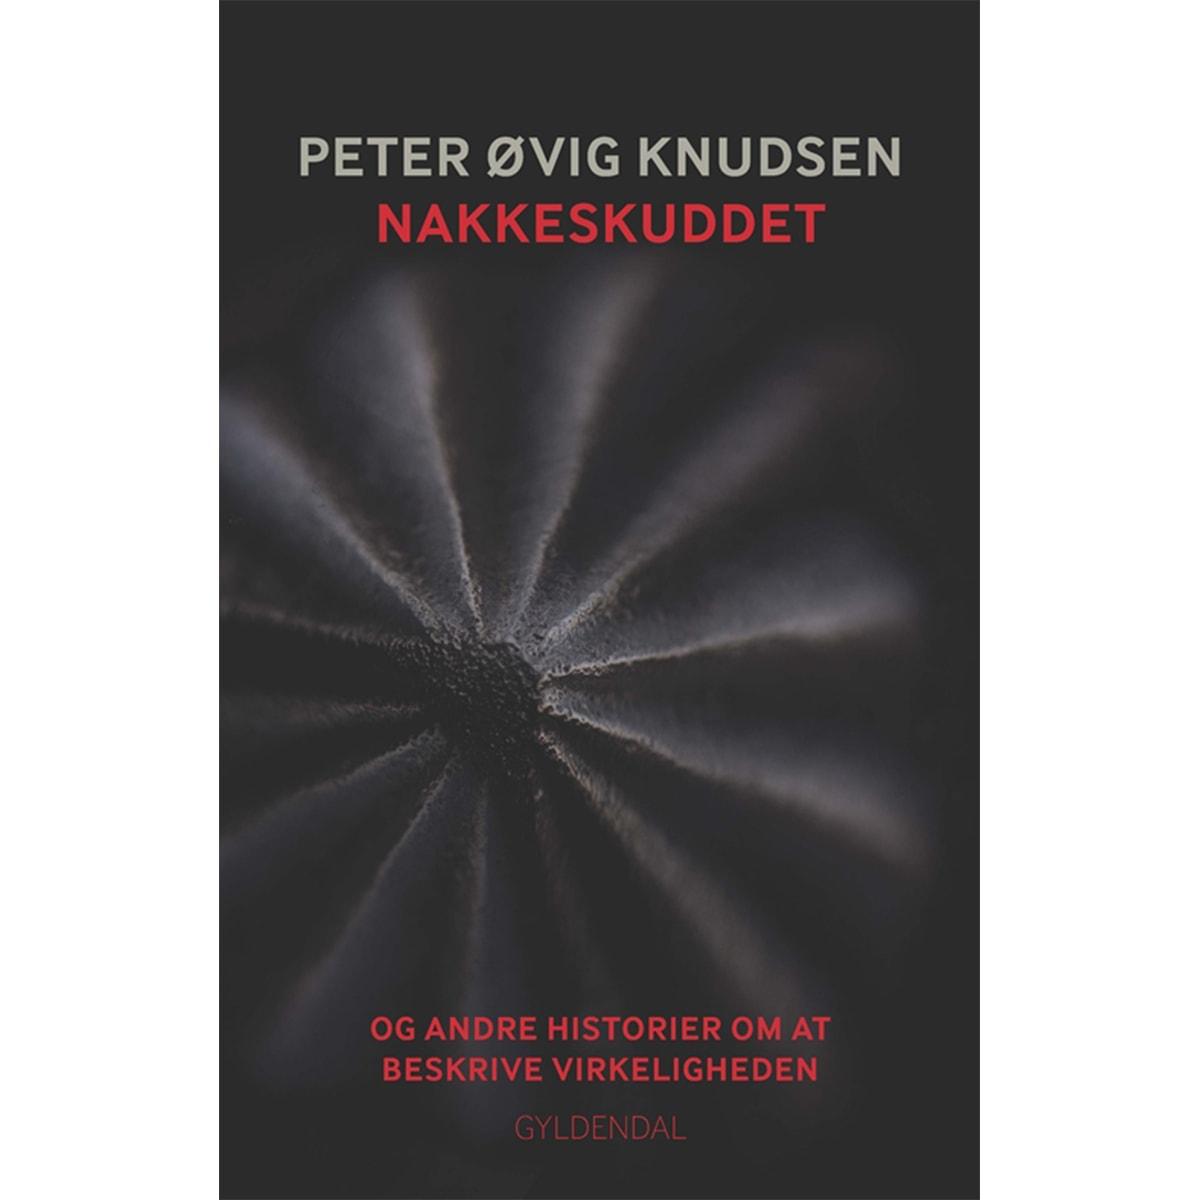 Af Peter Øvig Knudsen